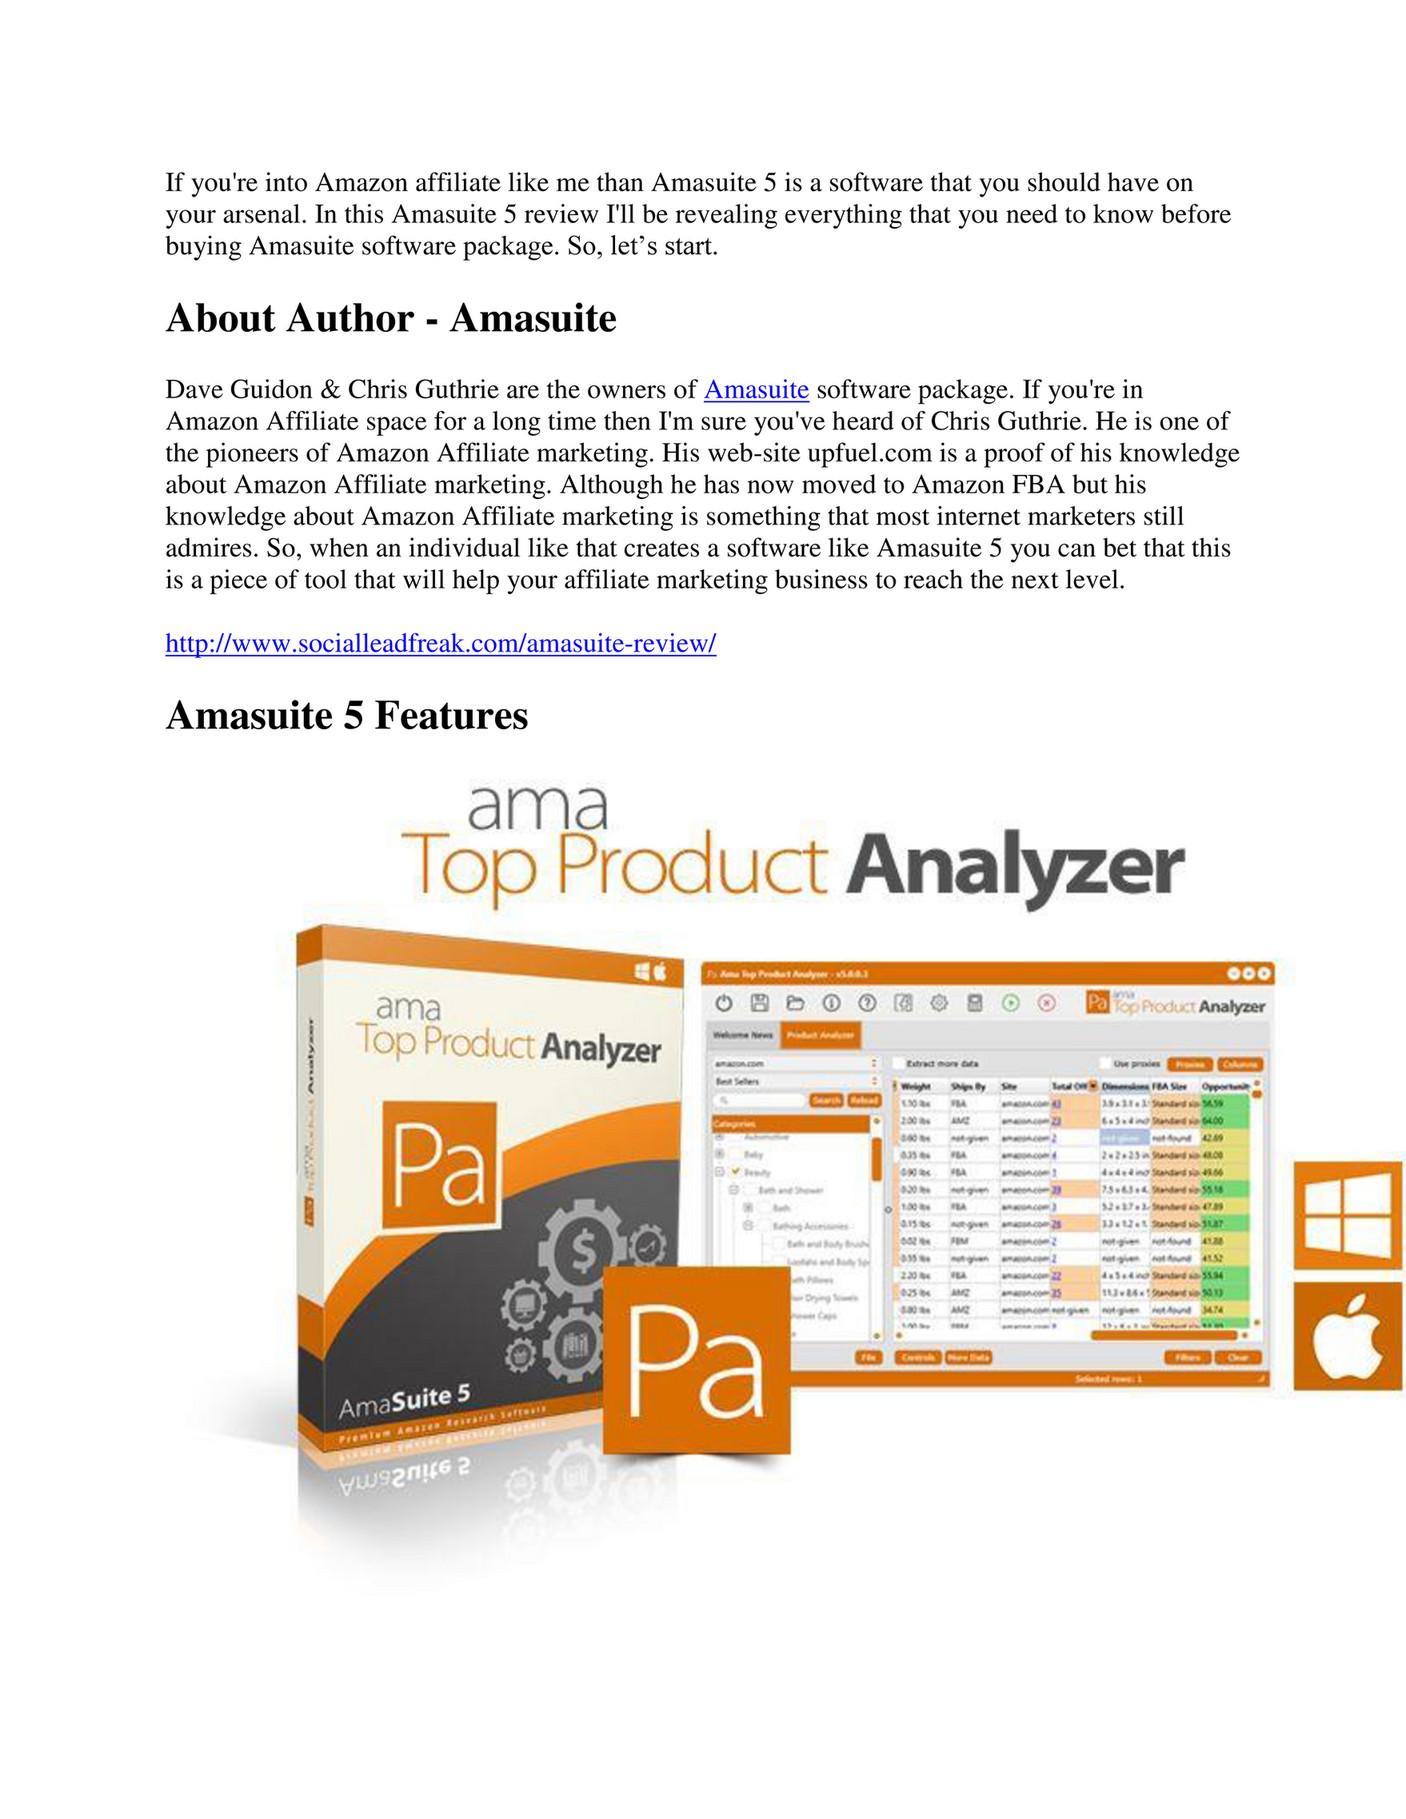 ama top product analyzer